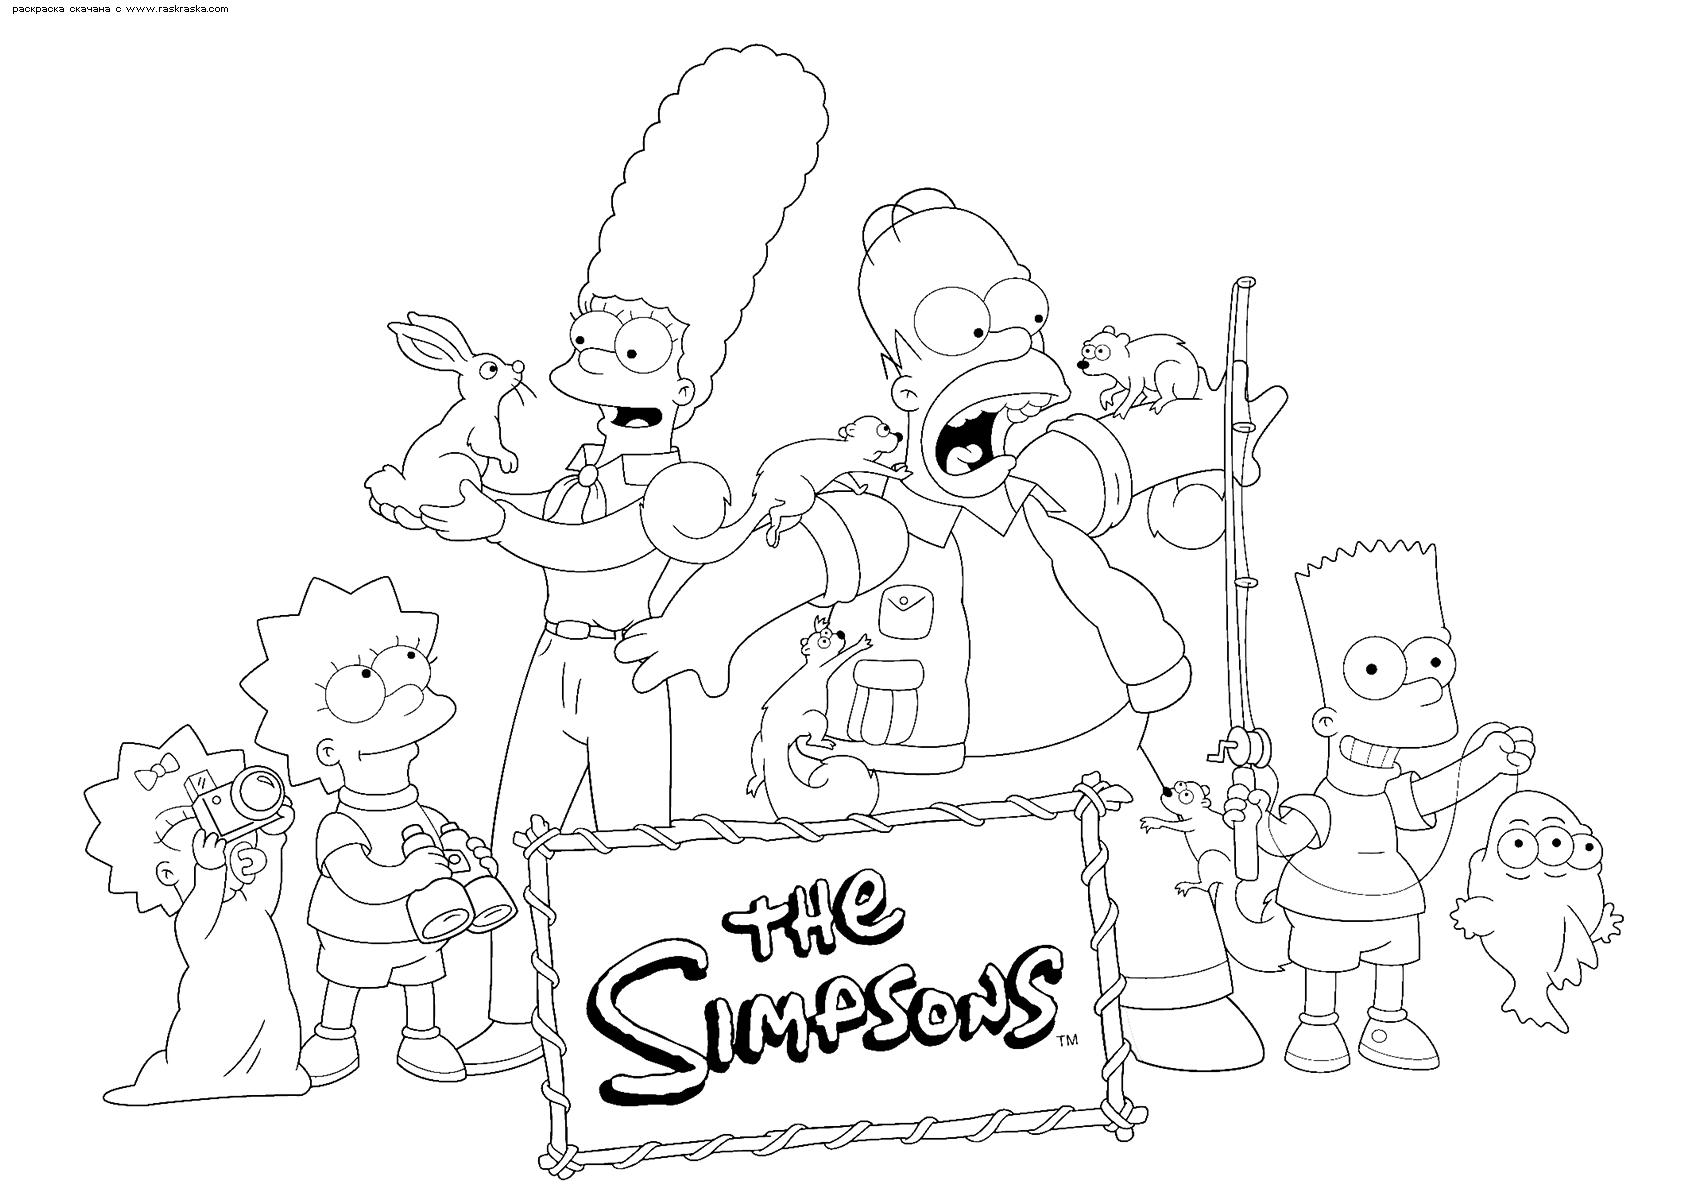 Раскраска Симпсоны. Раскраска Симпсоны, семья